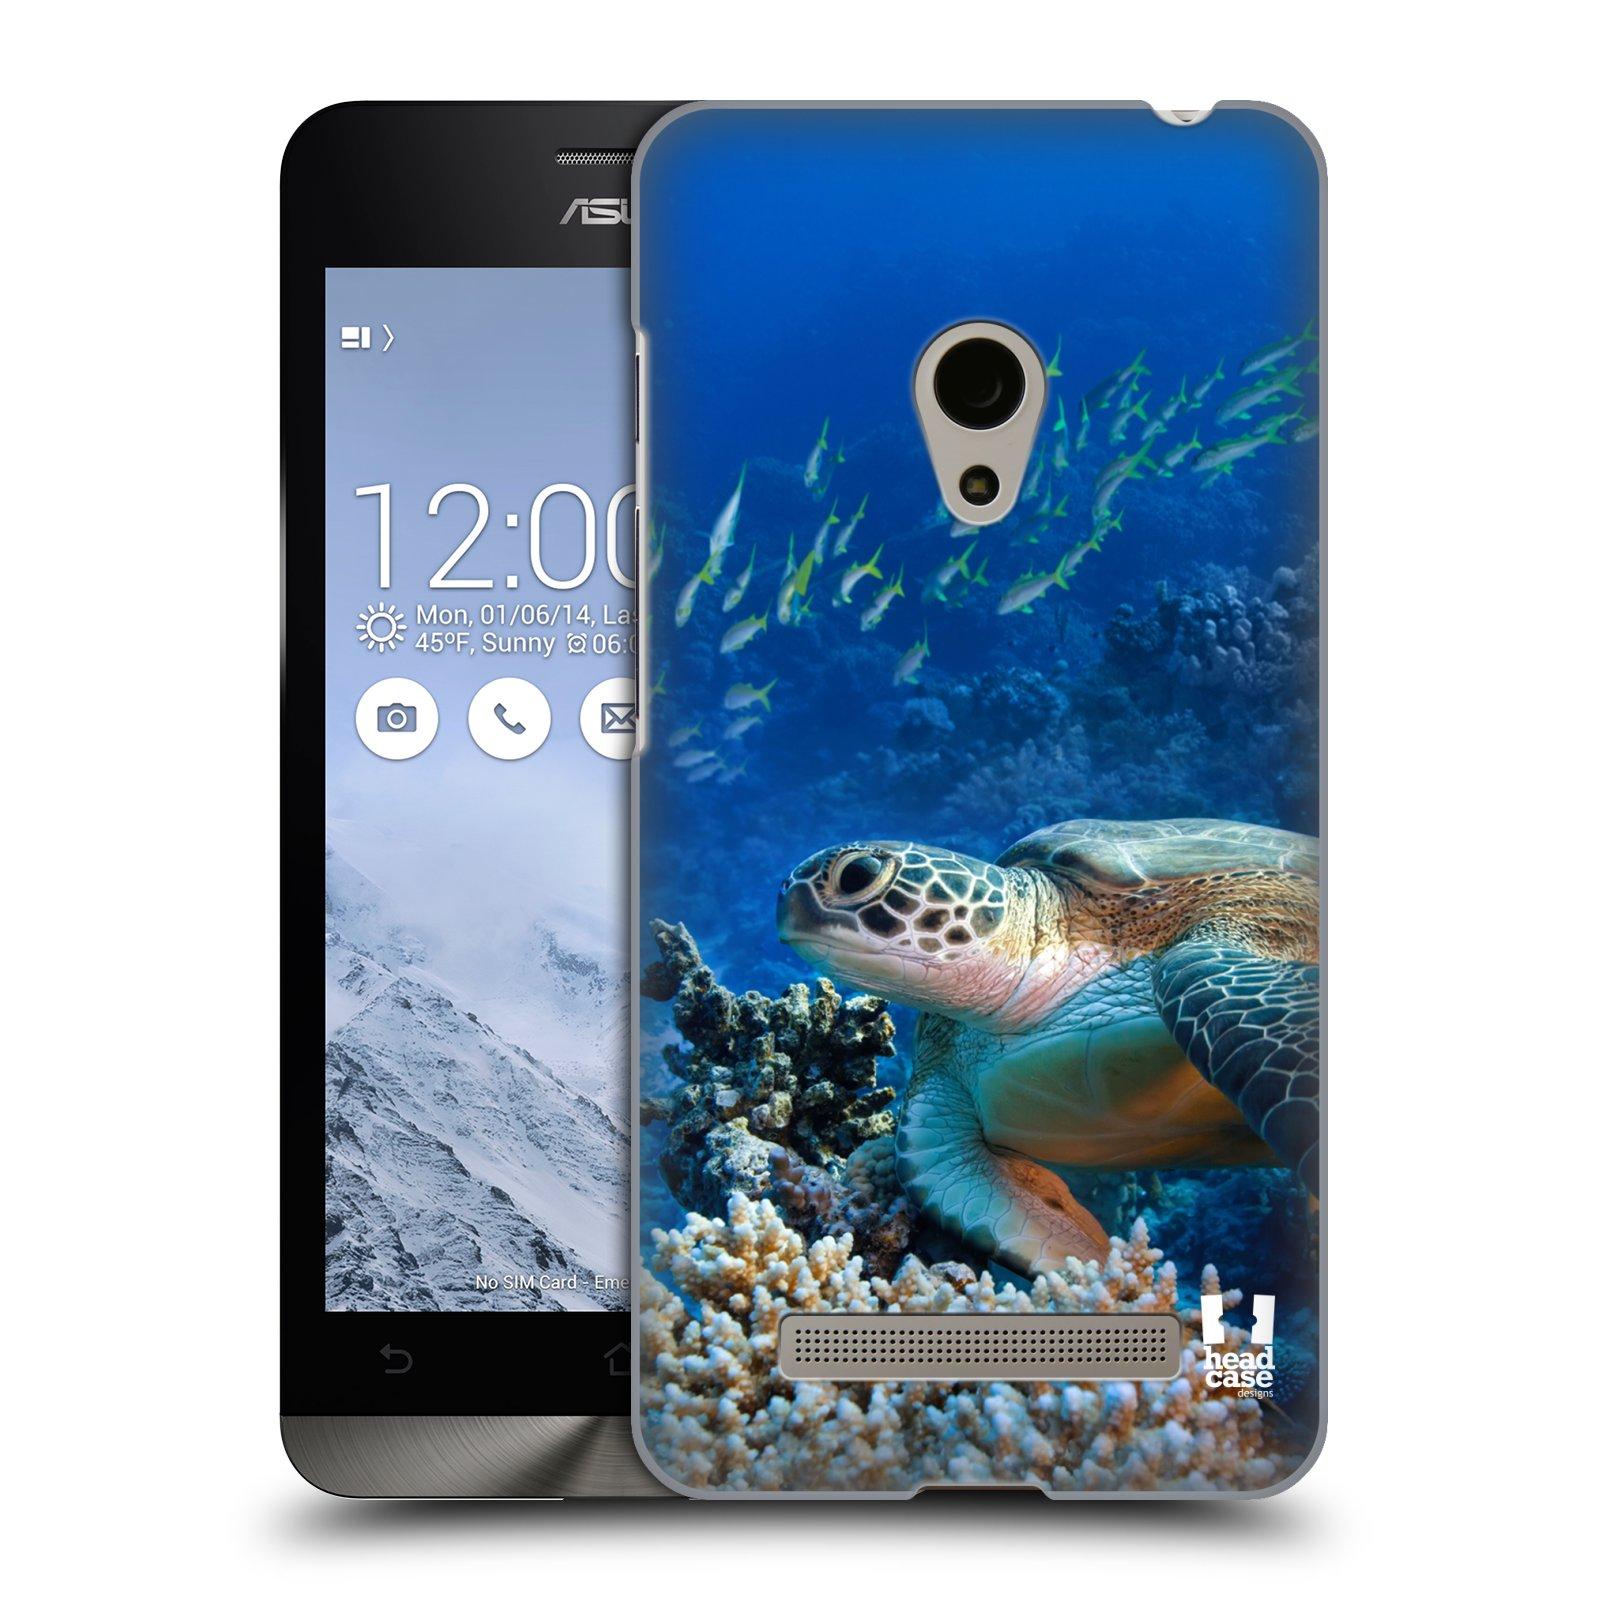 HEAD CASE plastový obal na mobil Asus Zenfone 5 vzor Divočina, Divoký život a zvířata foto MOŘSKÁ ŽELVA MODRÁ PODMOŘSKÁ HLADINA